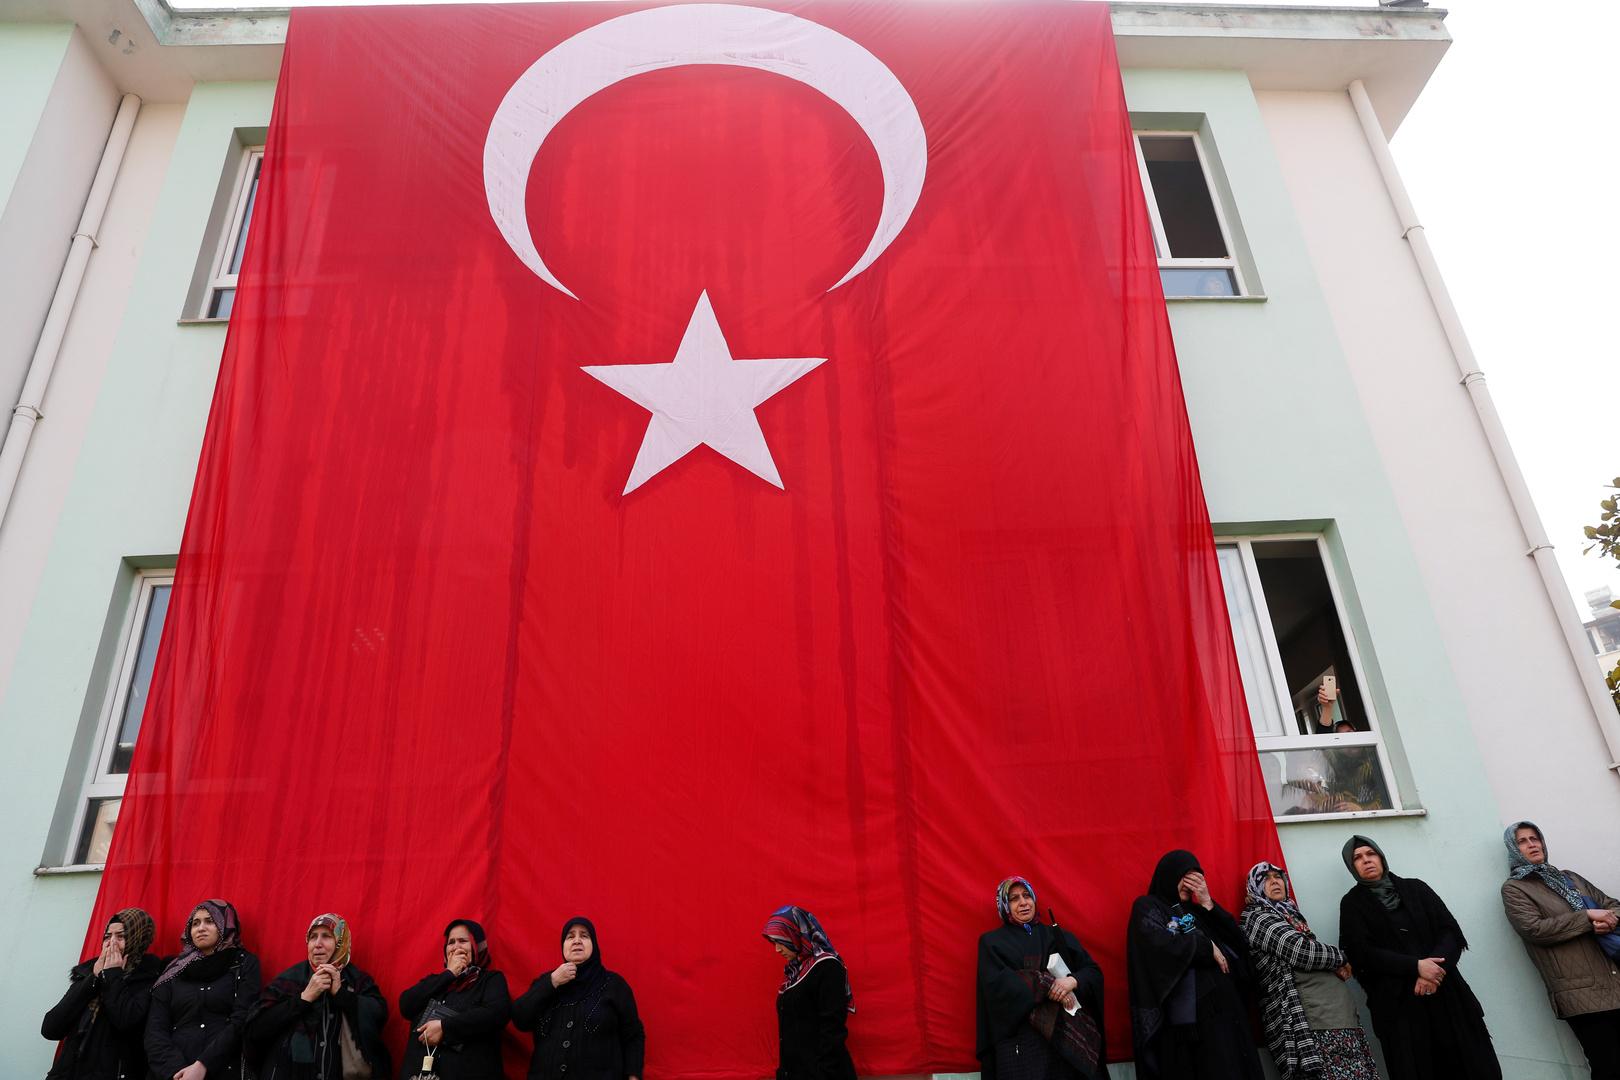 وزارة الدفاع التركية تتوعد بمحاسبة المتورطين بمقتل عنصر من الهلال الأحمر شمال سوريا